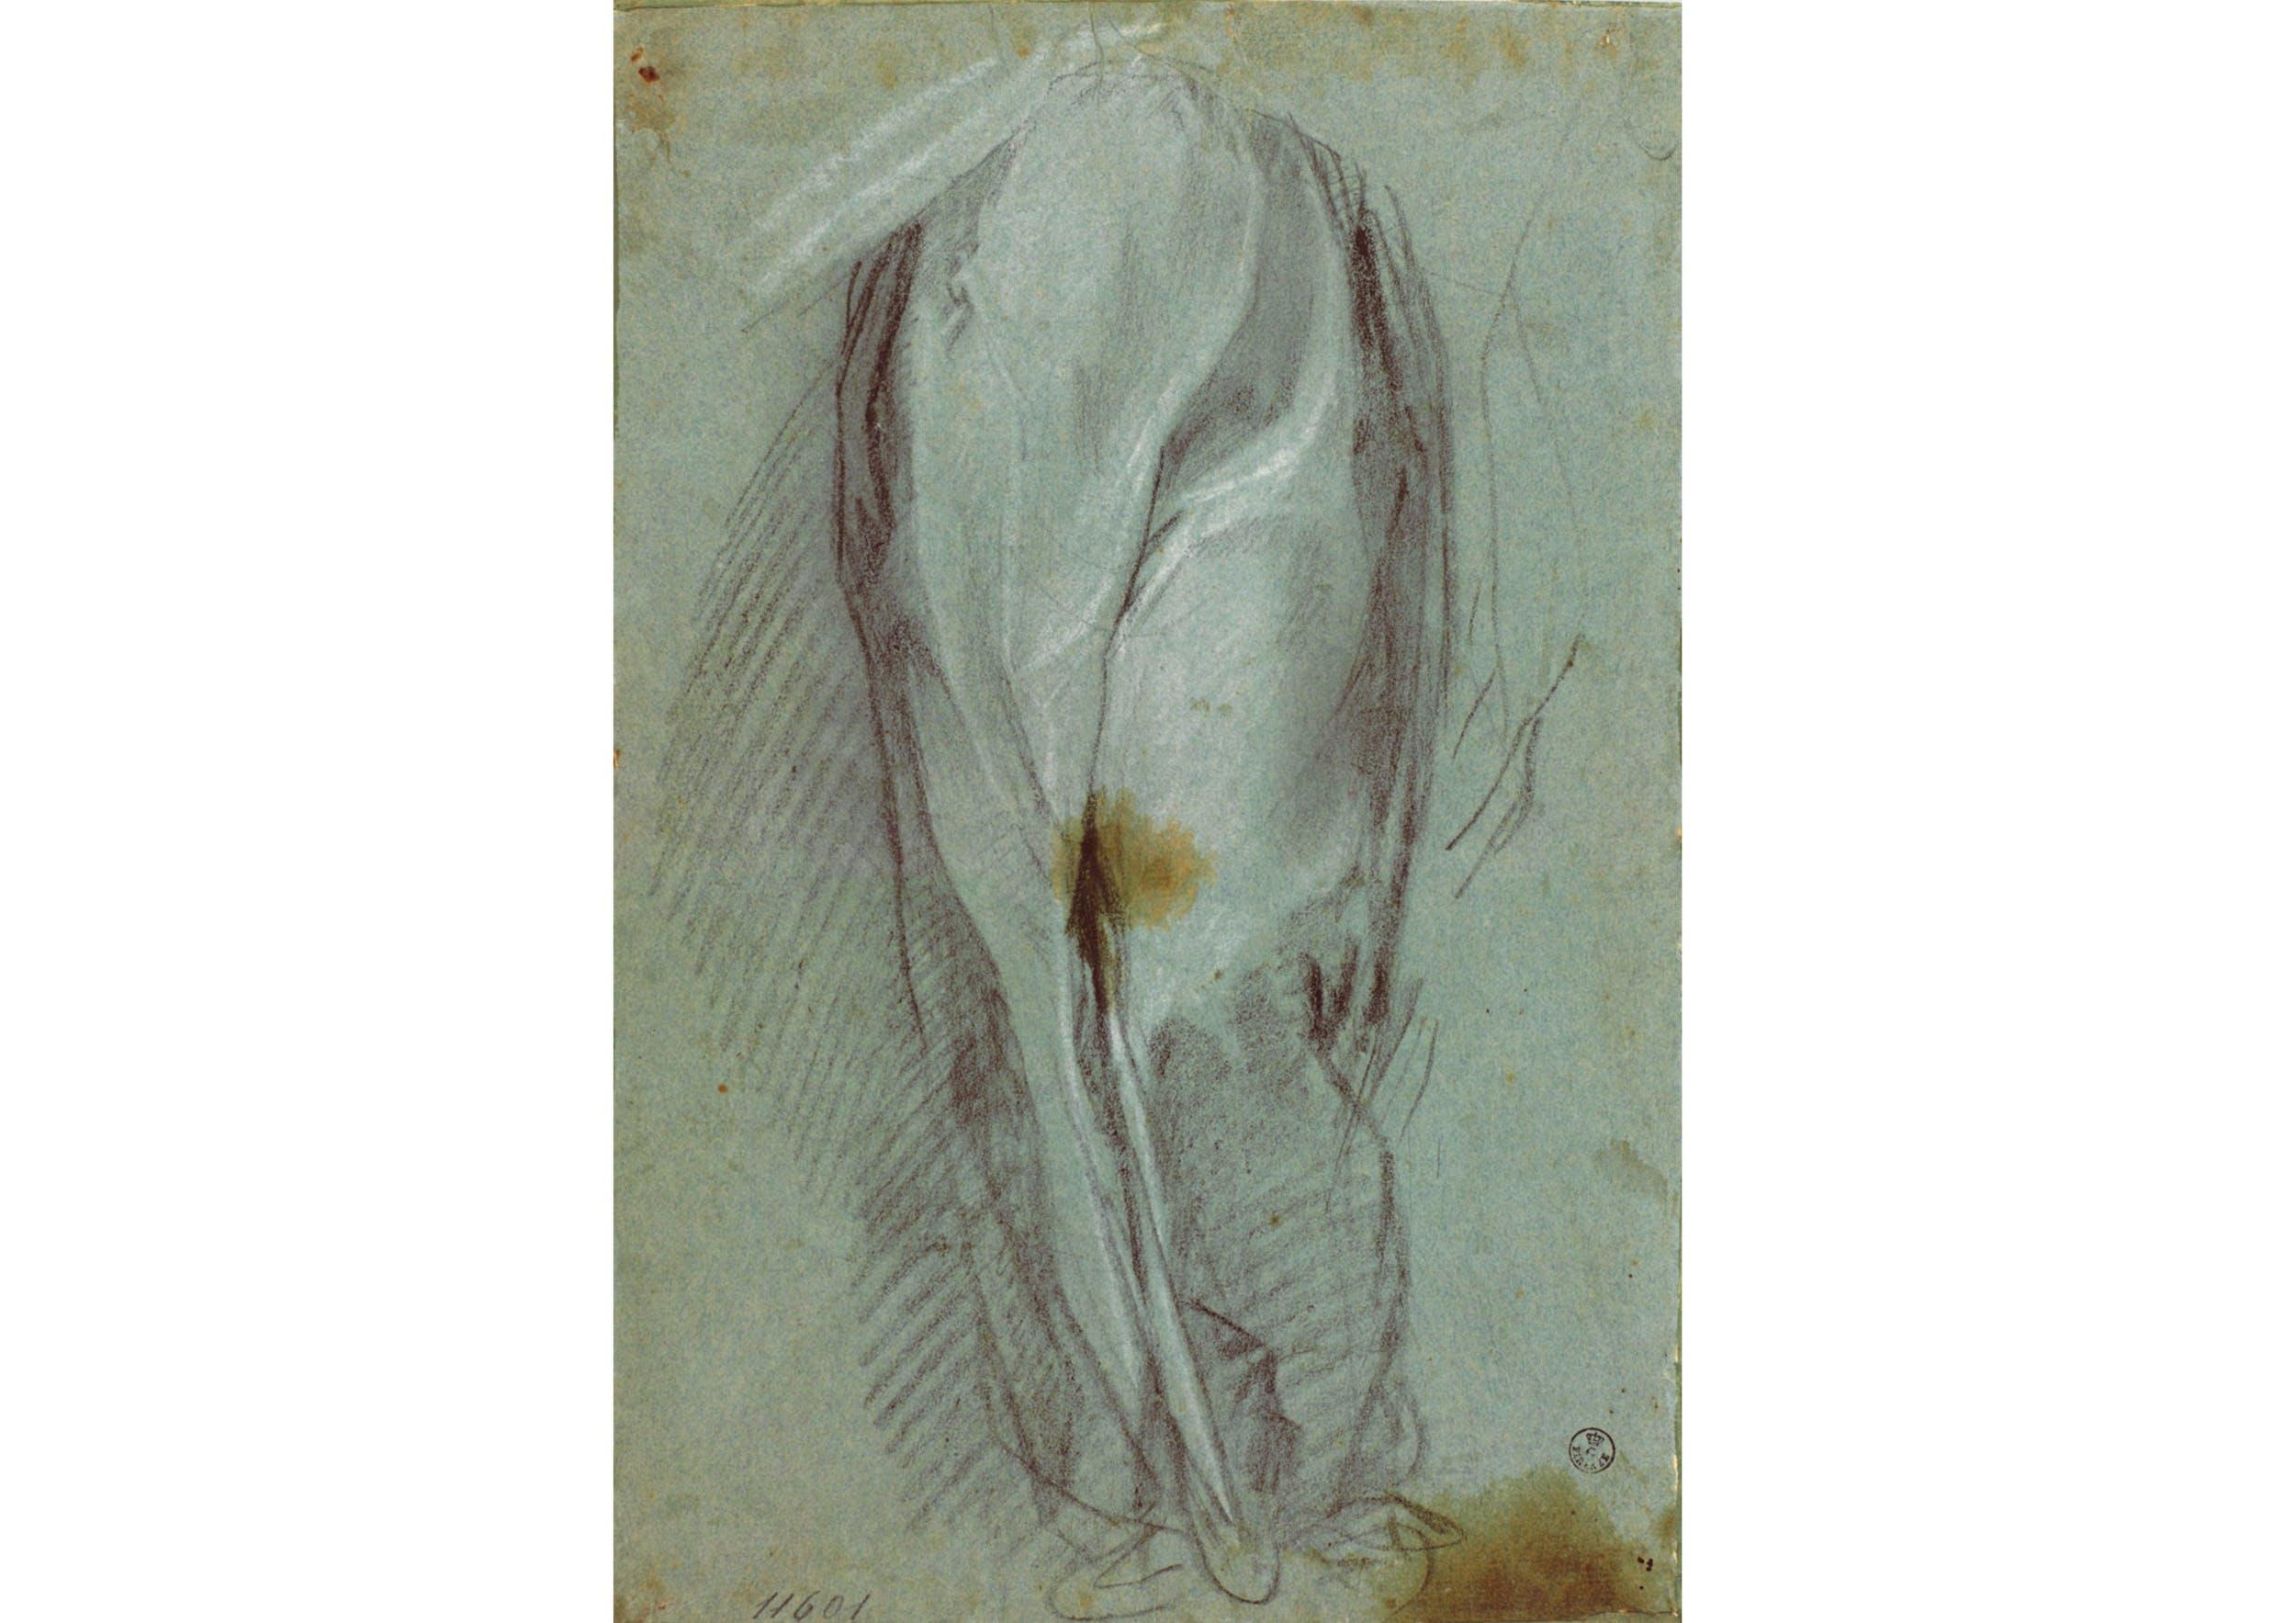 Carboncino, biacca (carbonato basico di piombo), carta cerulea (306 x 201 mm.) - Inv. 11601 F